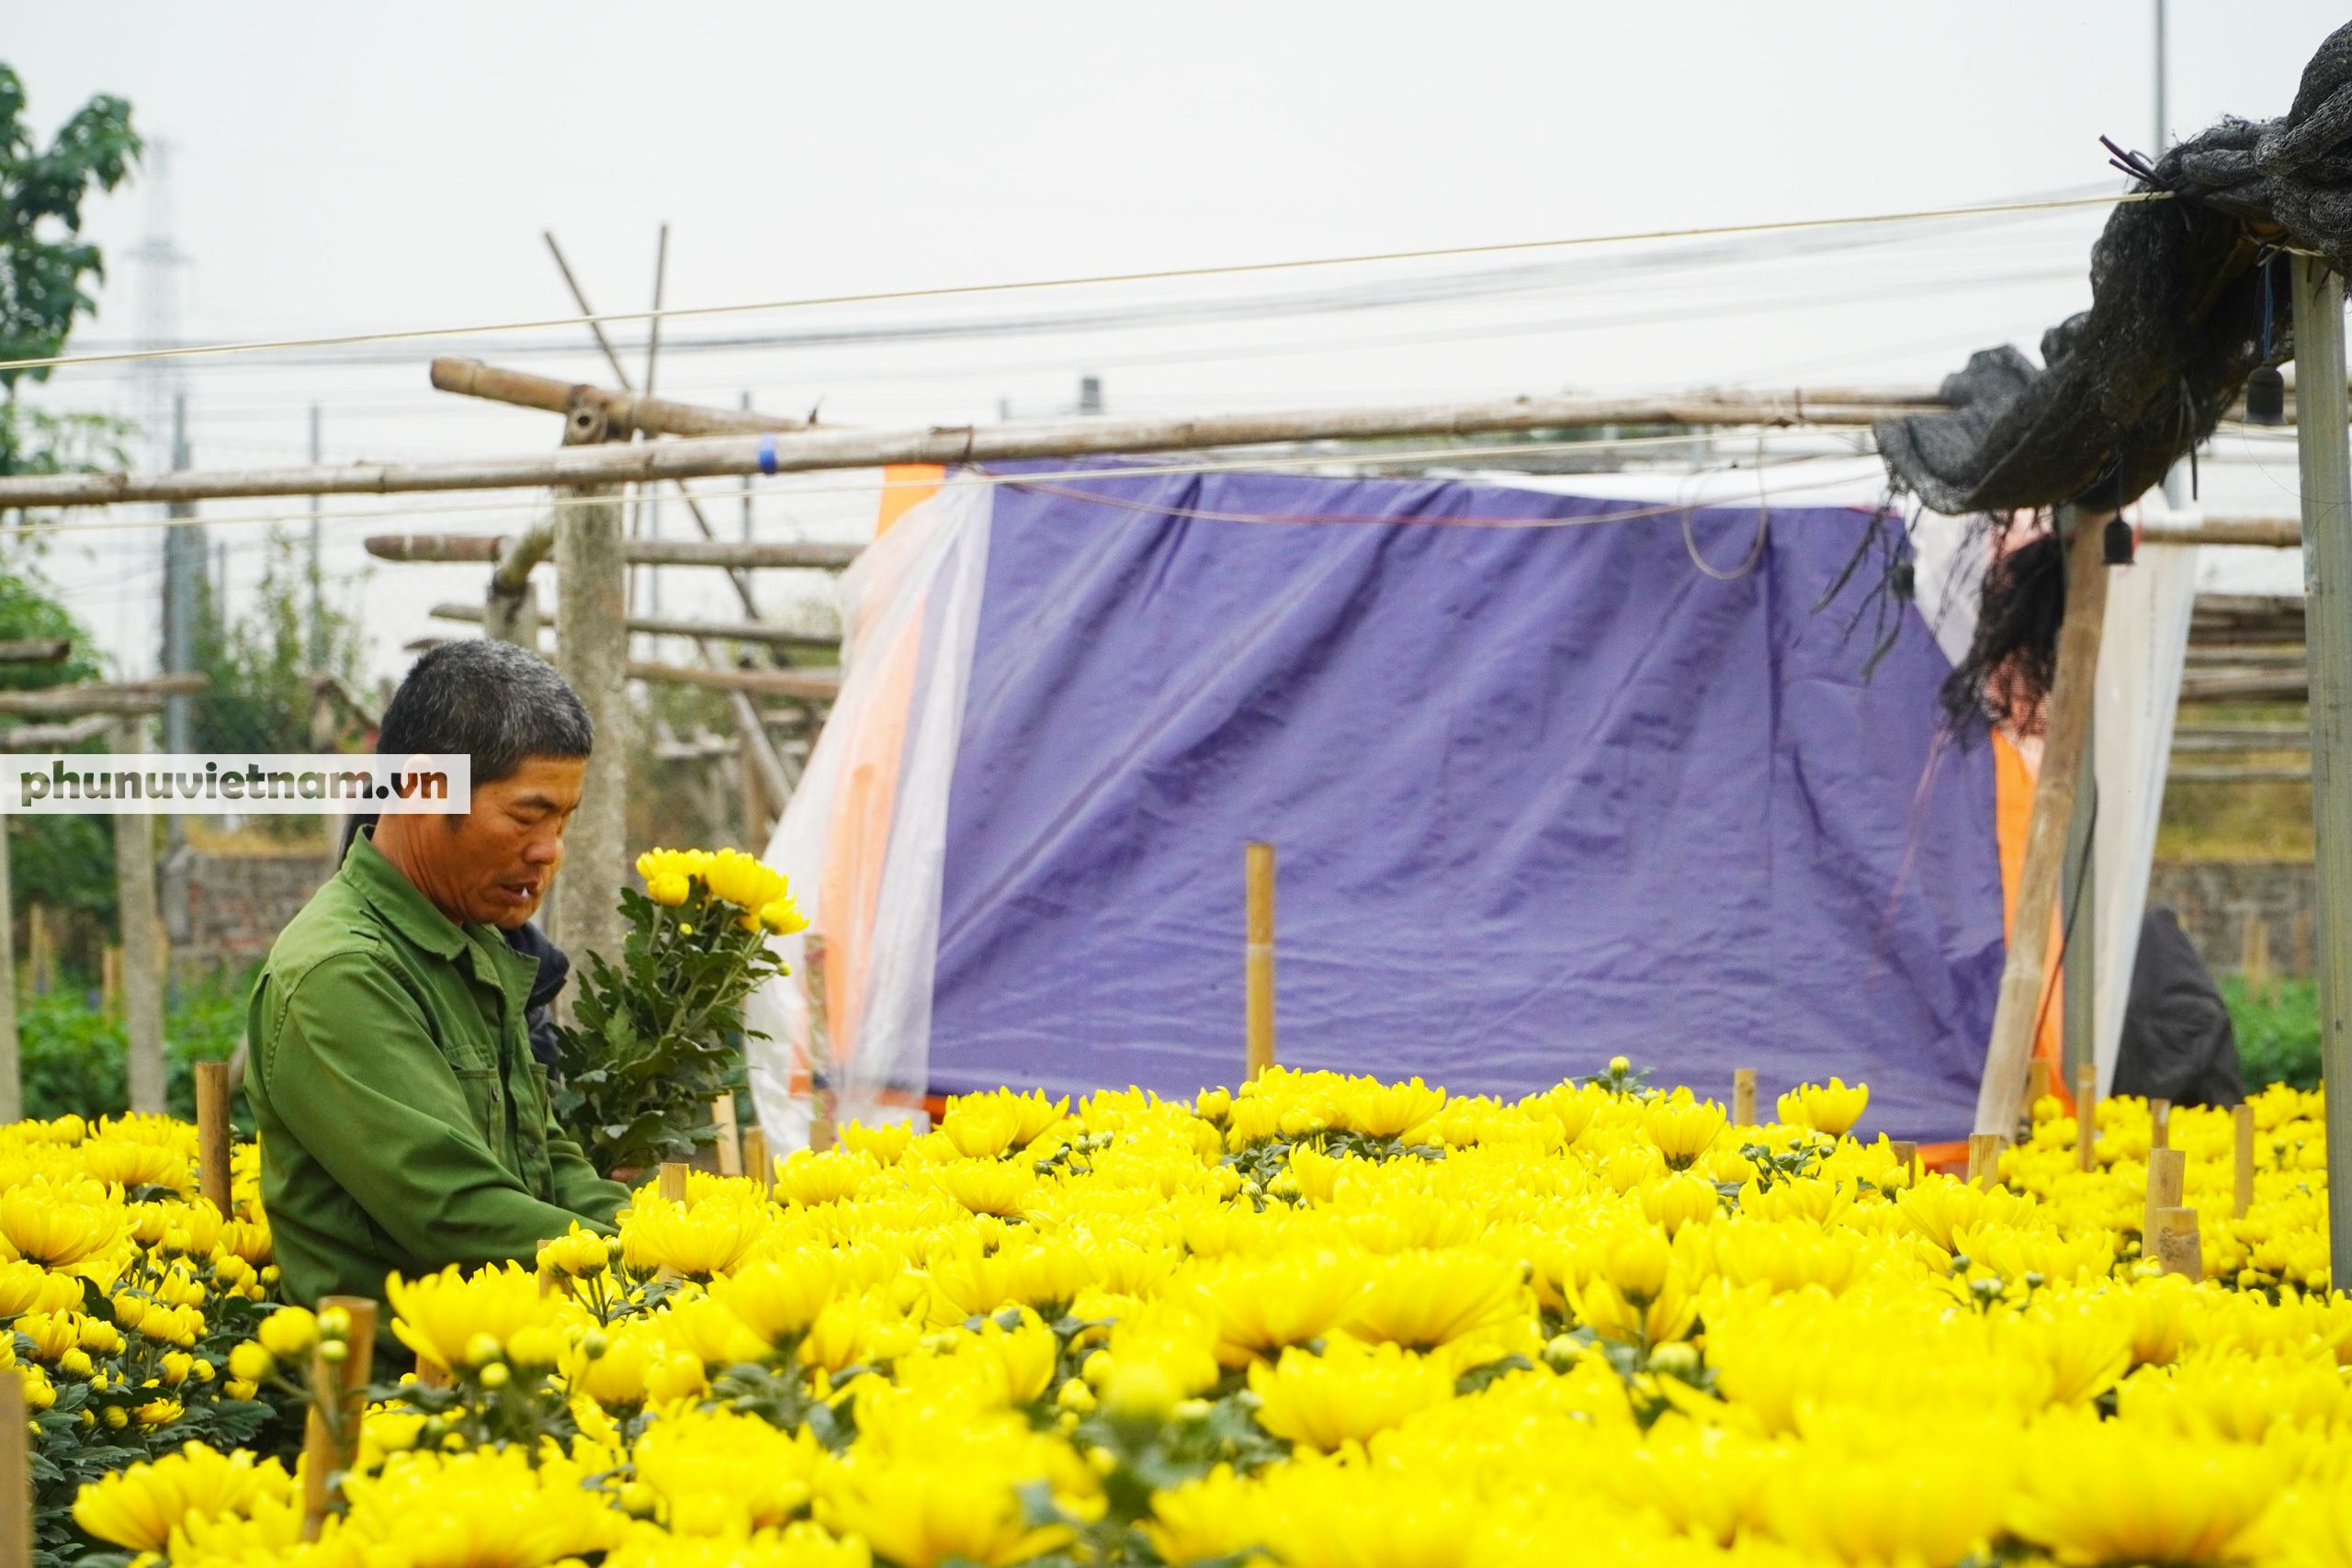 Người trồng hoa Tây Tựu dựng chòi trông hoa, ngủ qua đêm giữa trời rét buốt - Ảnh 2.